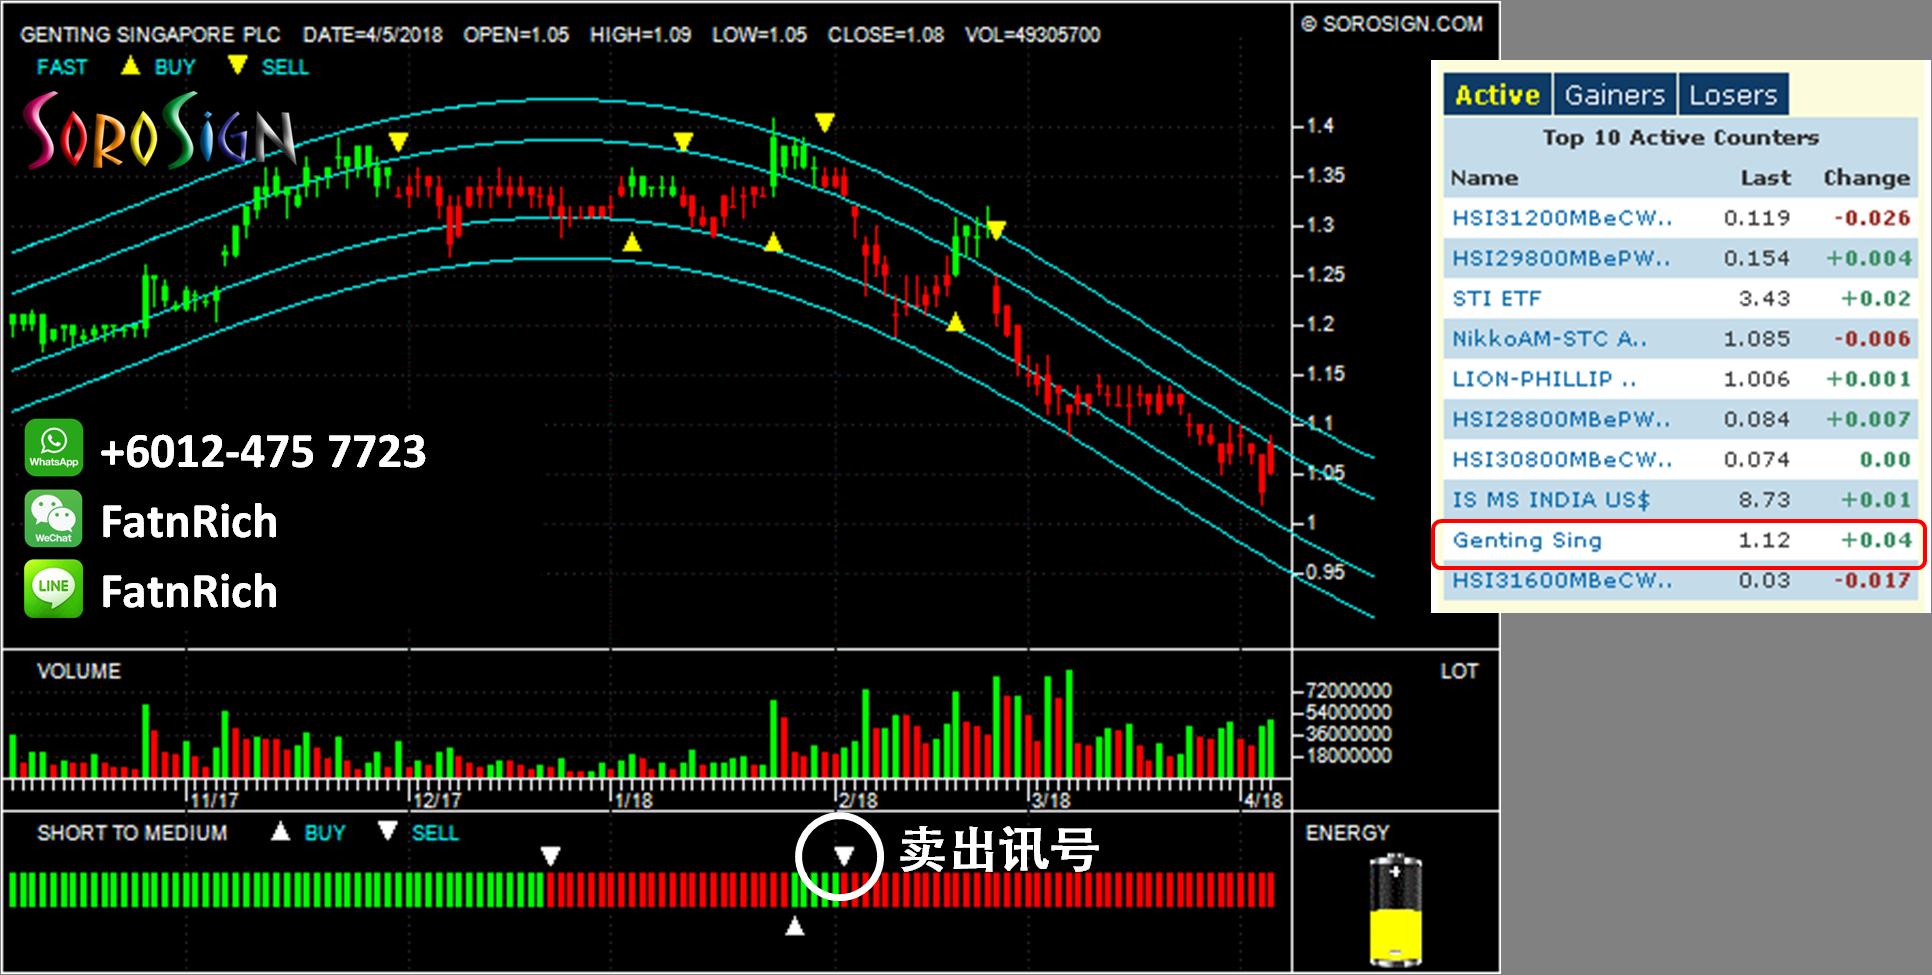 [新加坡股票]云顶新加坡 -跌就买,你会晕倒吗?云顶新加坡 Genting Singapore PLC